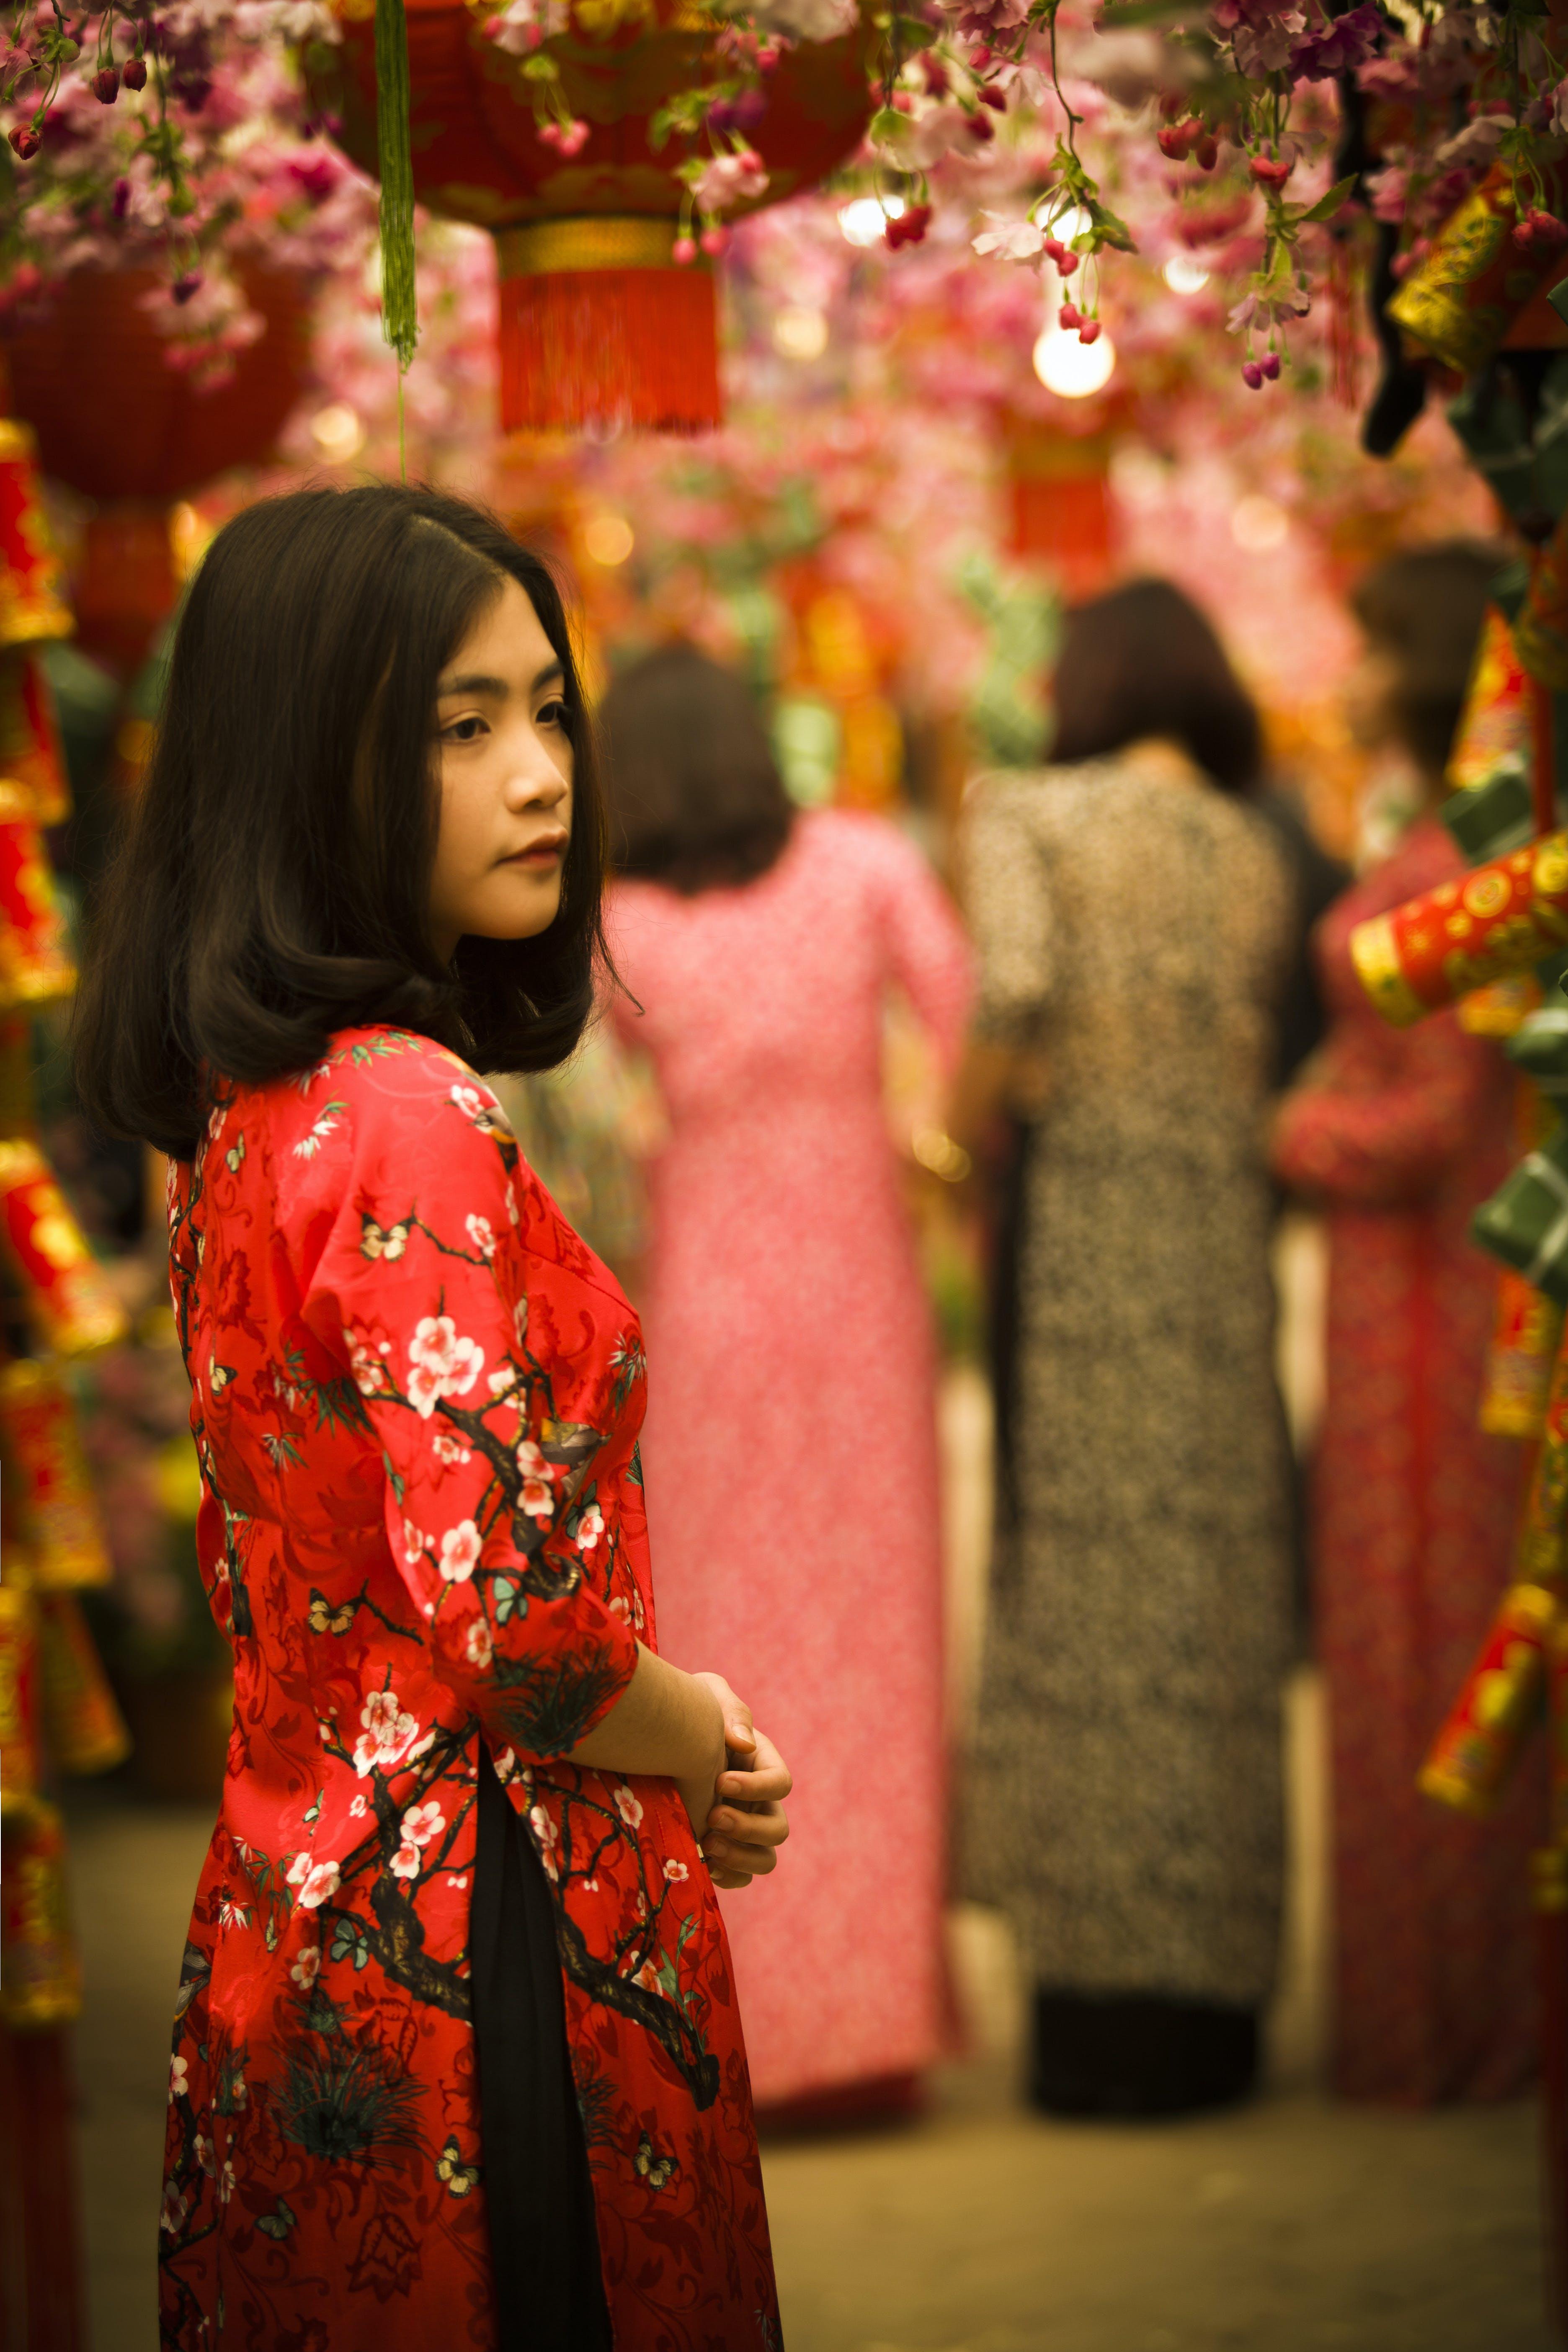 Kostnadsfri bild av asiatisk kvinna, asiatisk tjej, flicka, gata